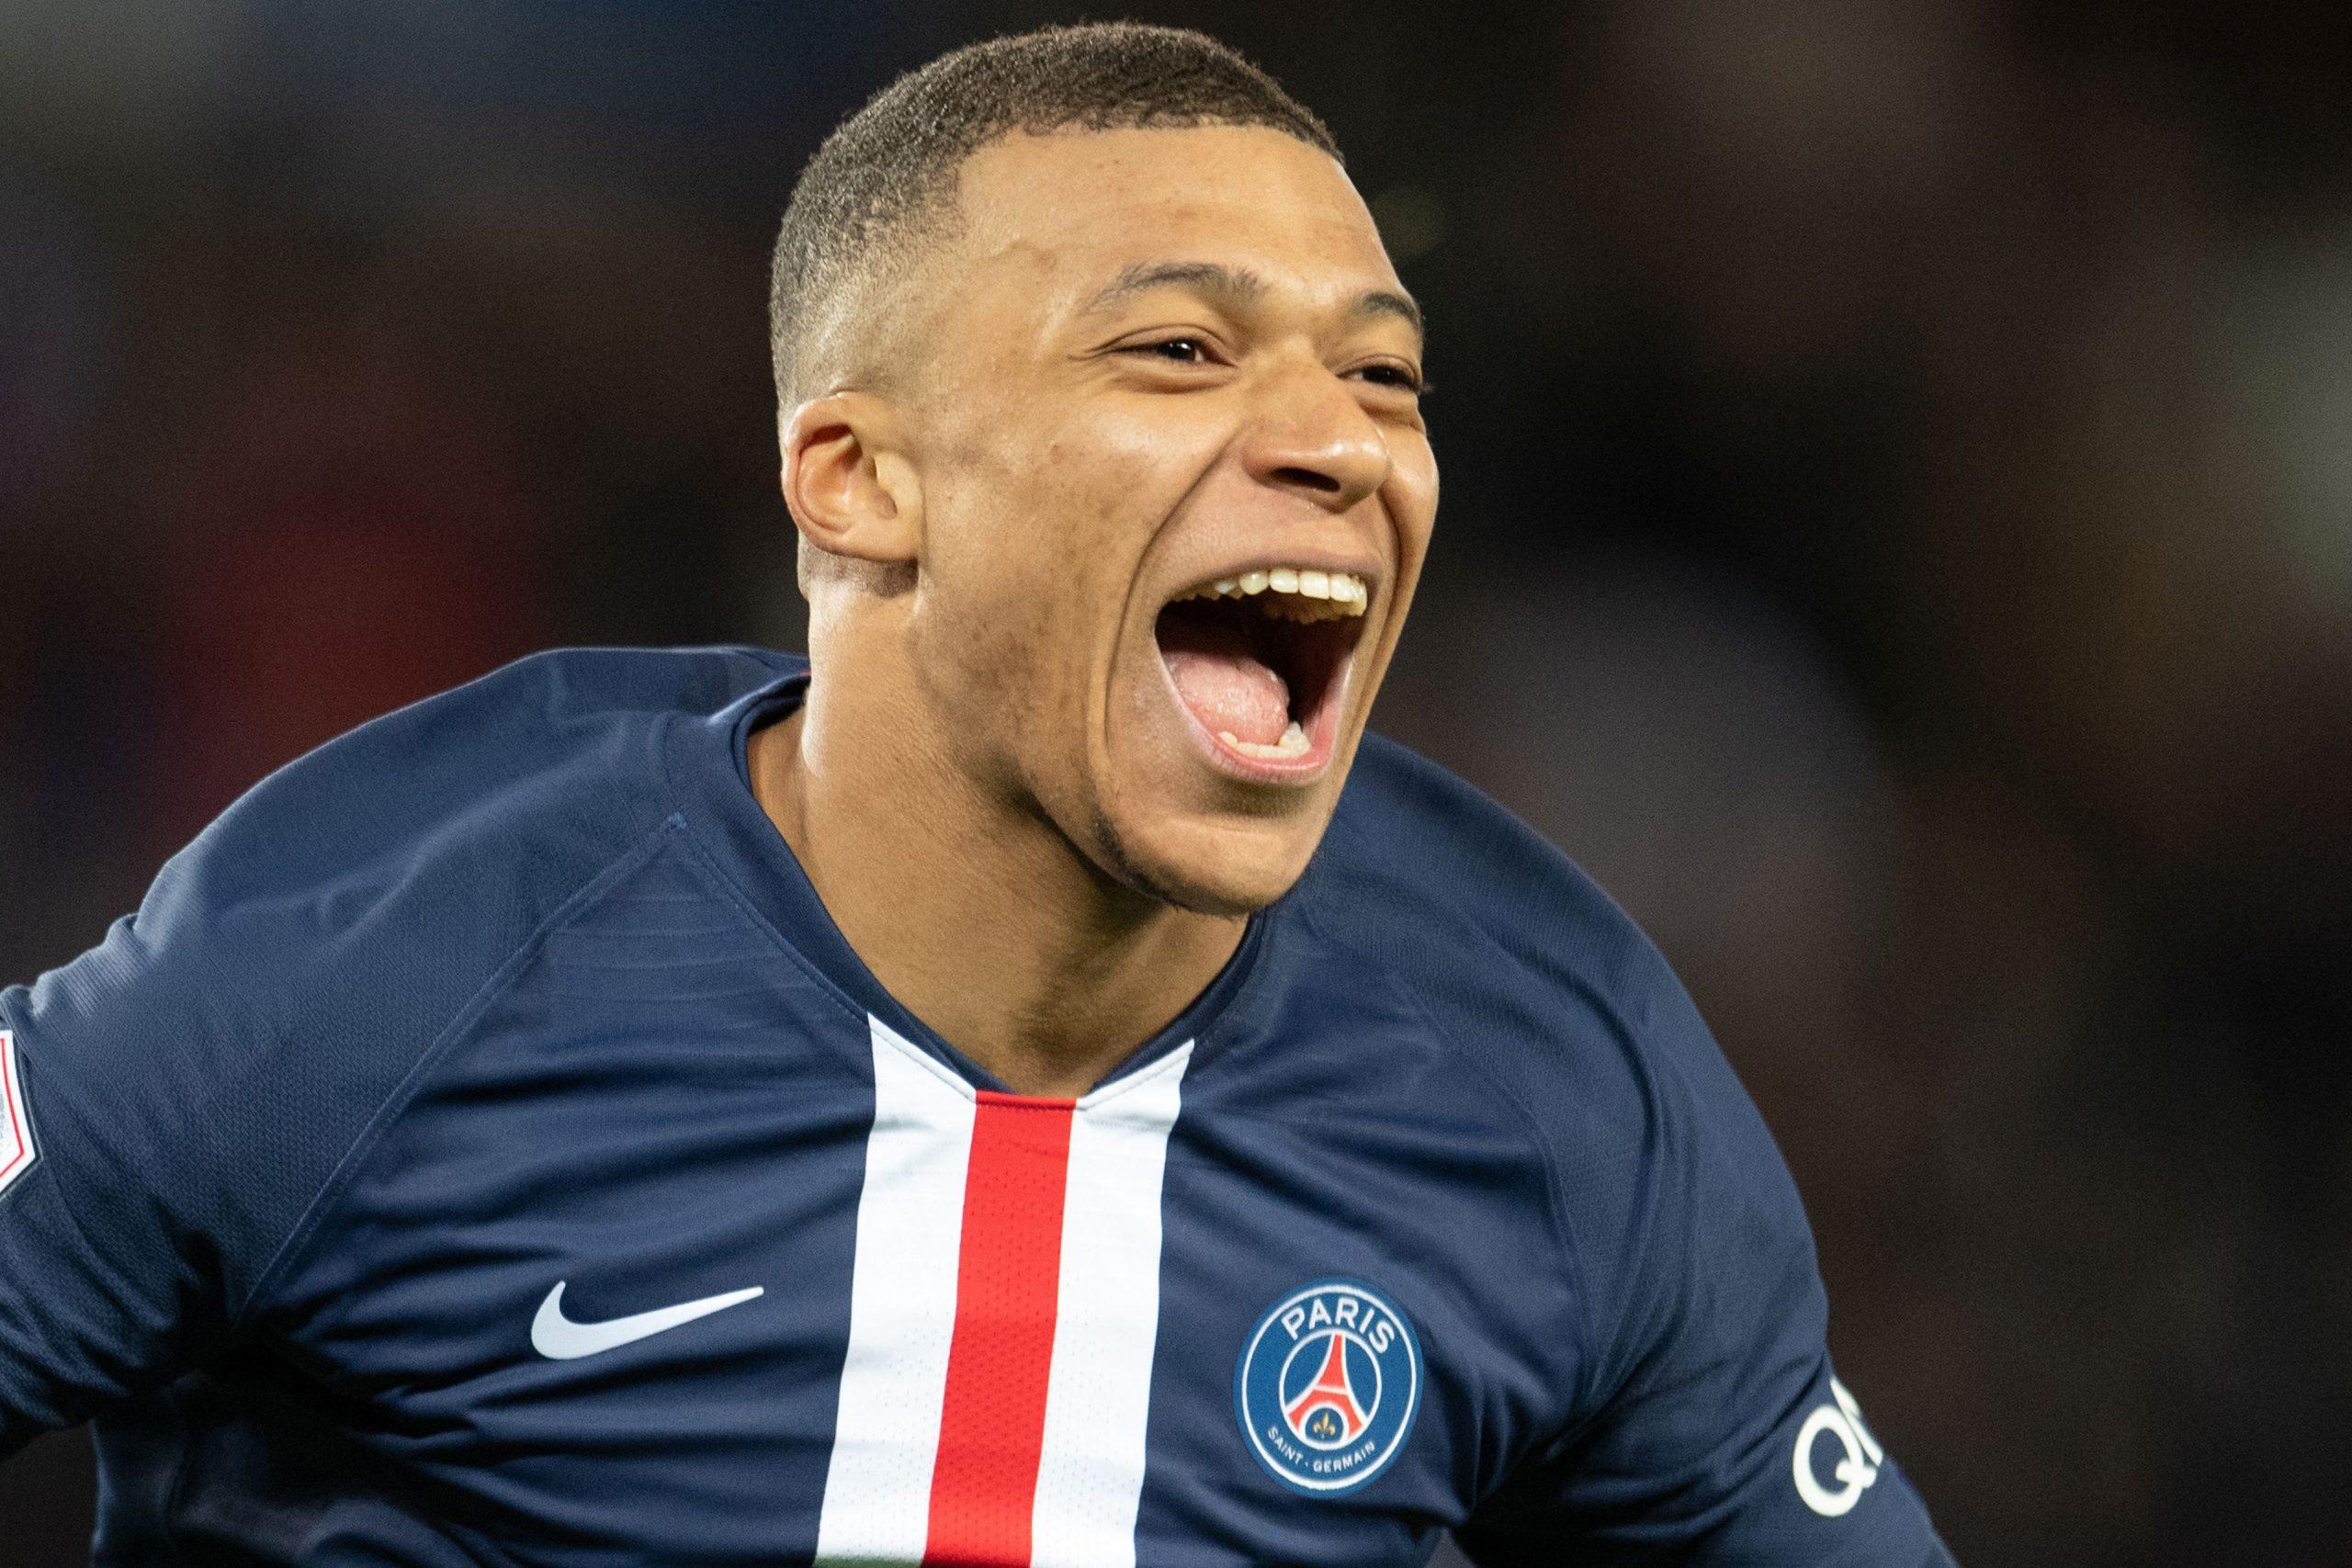 Mbappe a câștigat titlul cu PSG